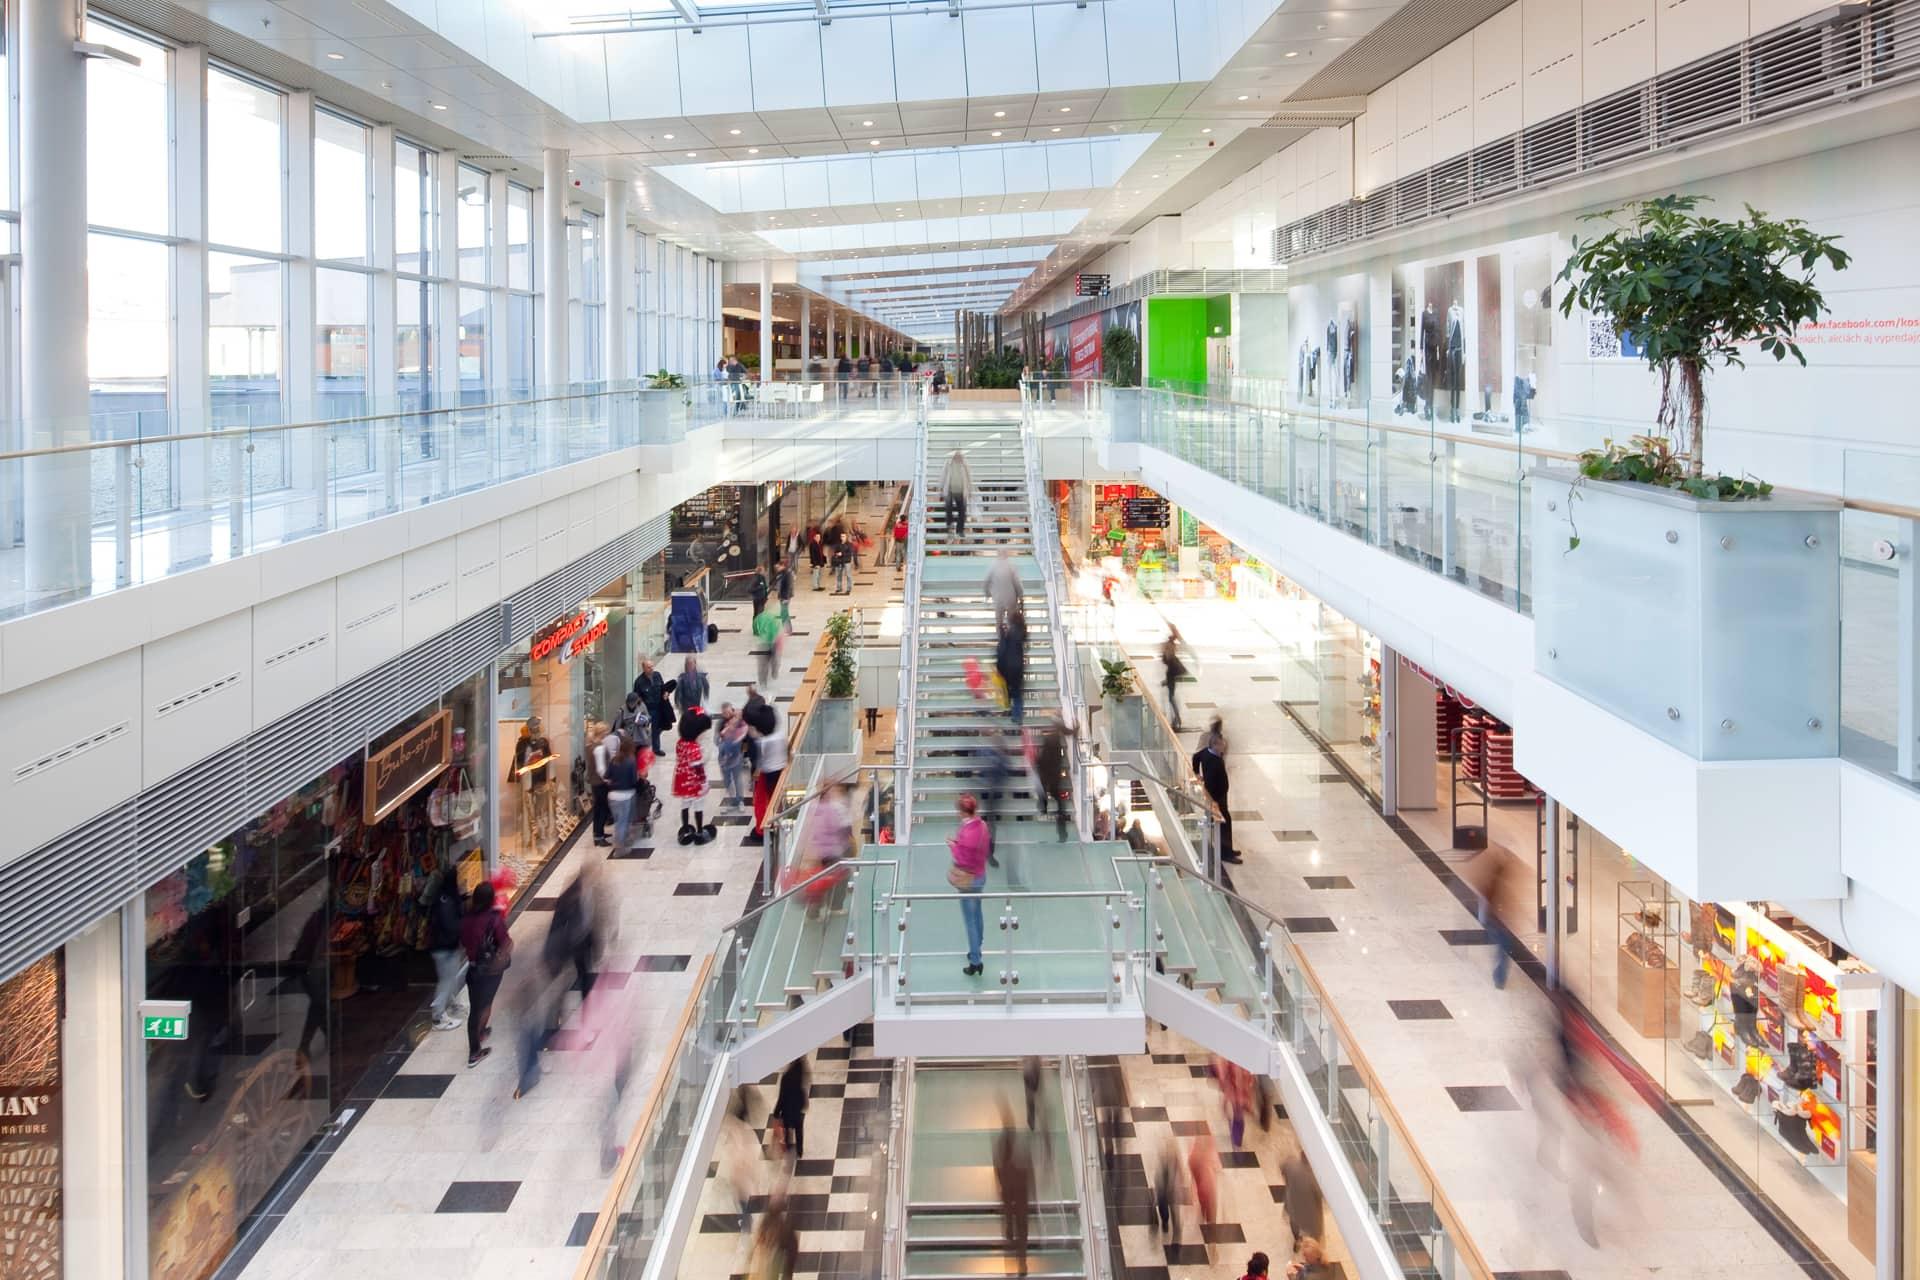 d82e19b3048c1 HB Reavis sa dohodol na predaji nákupného centra Aupark v Košiciach | HB  Reavis